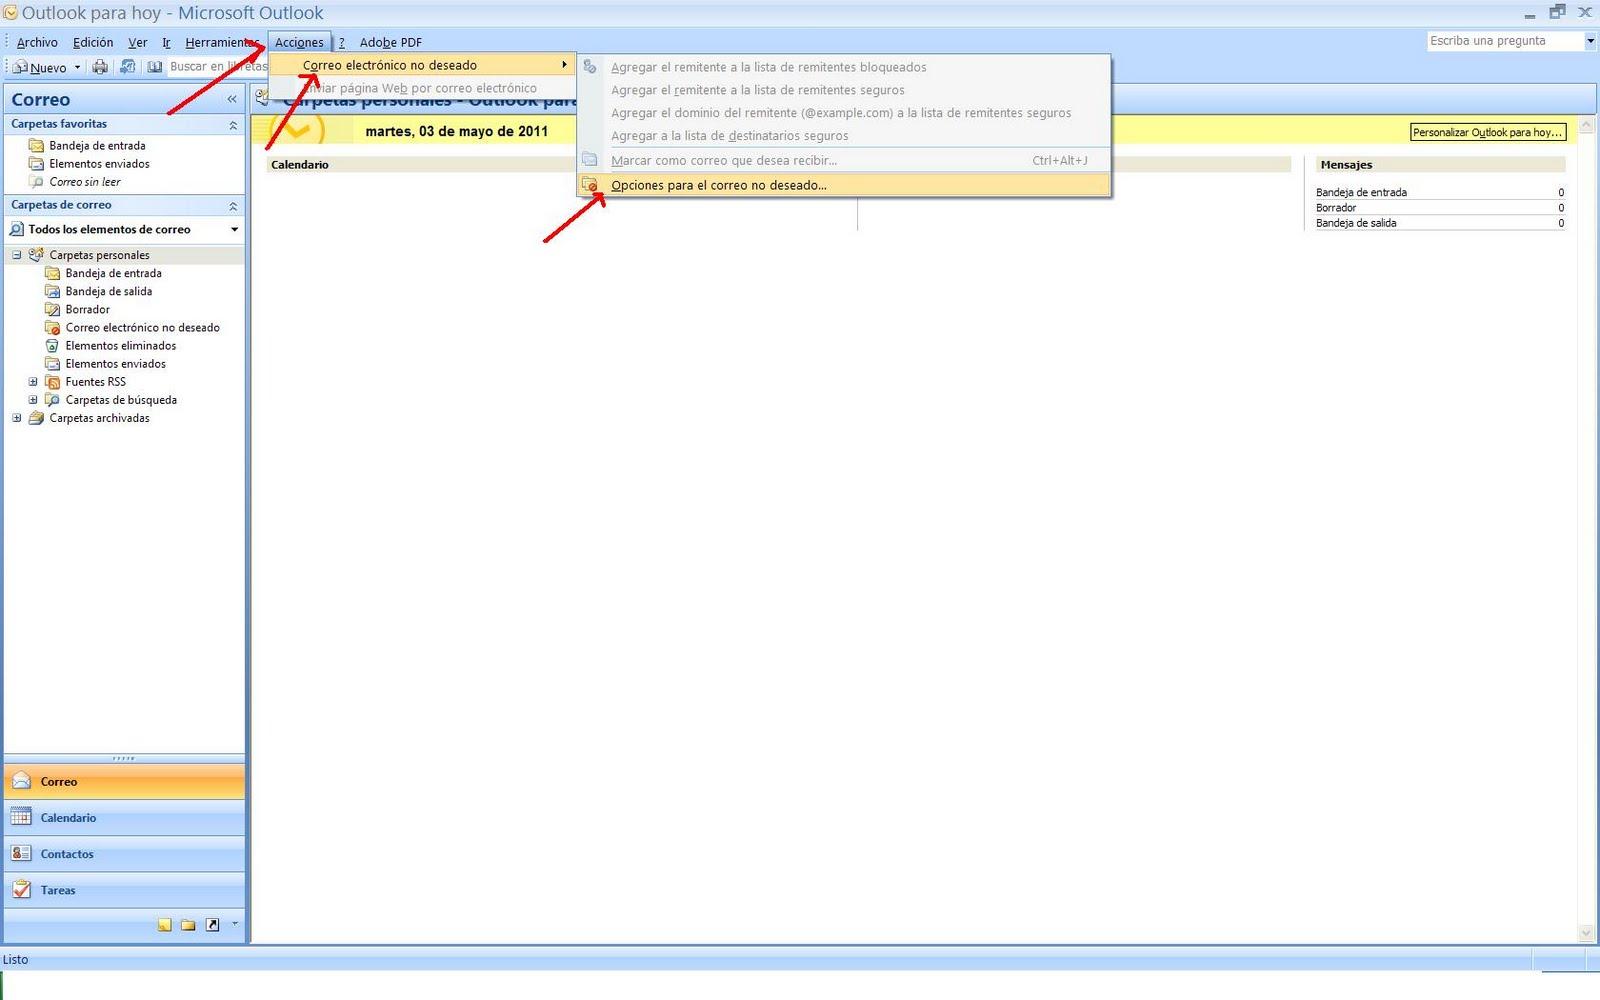 SOLUCIONES TECNICAS - INFORMATICA DE USUARIO: 2011